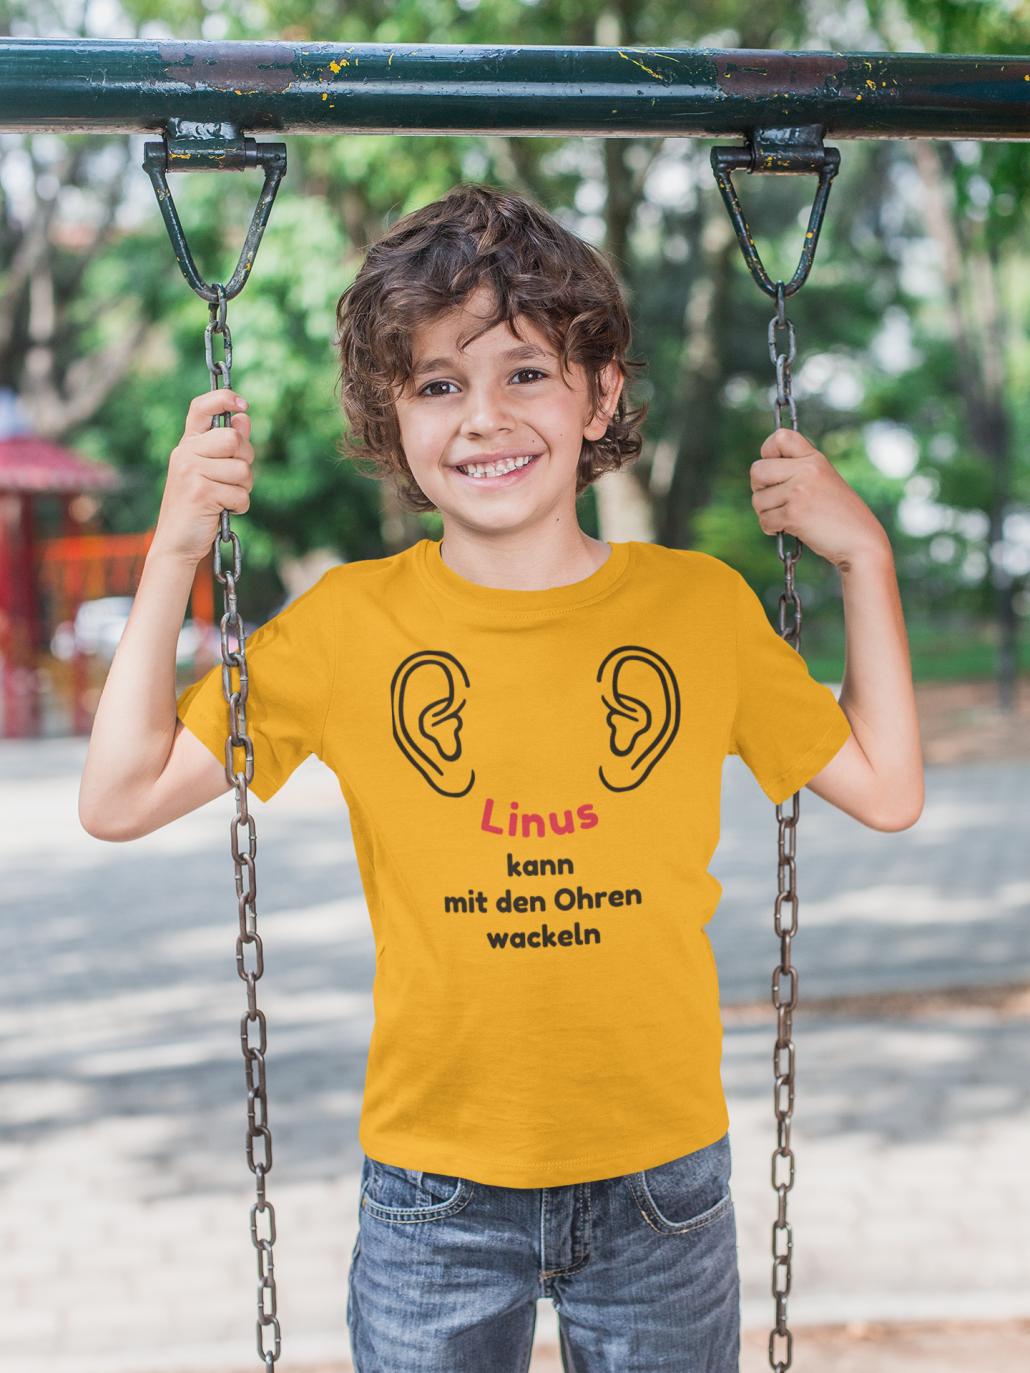 Schulkind_mit_personalisiertem_T-Shirt